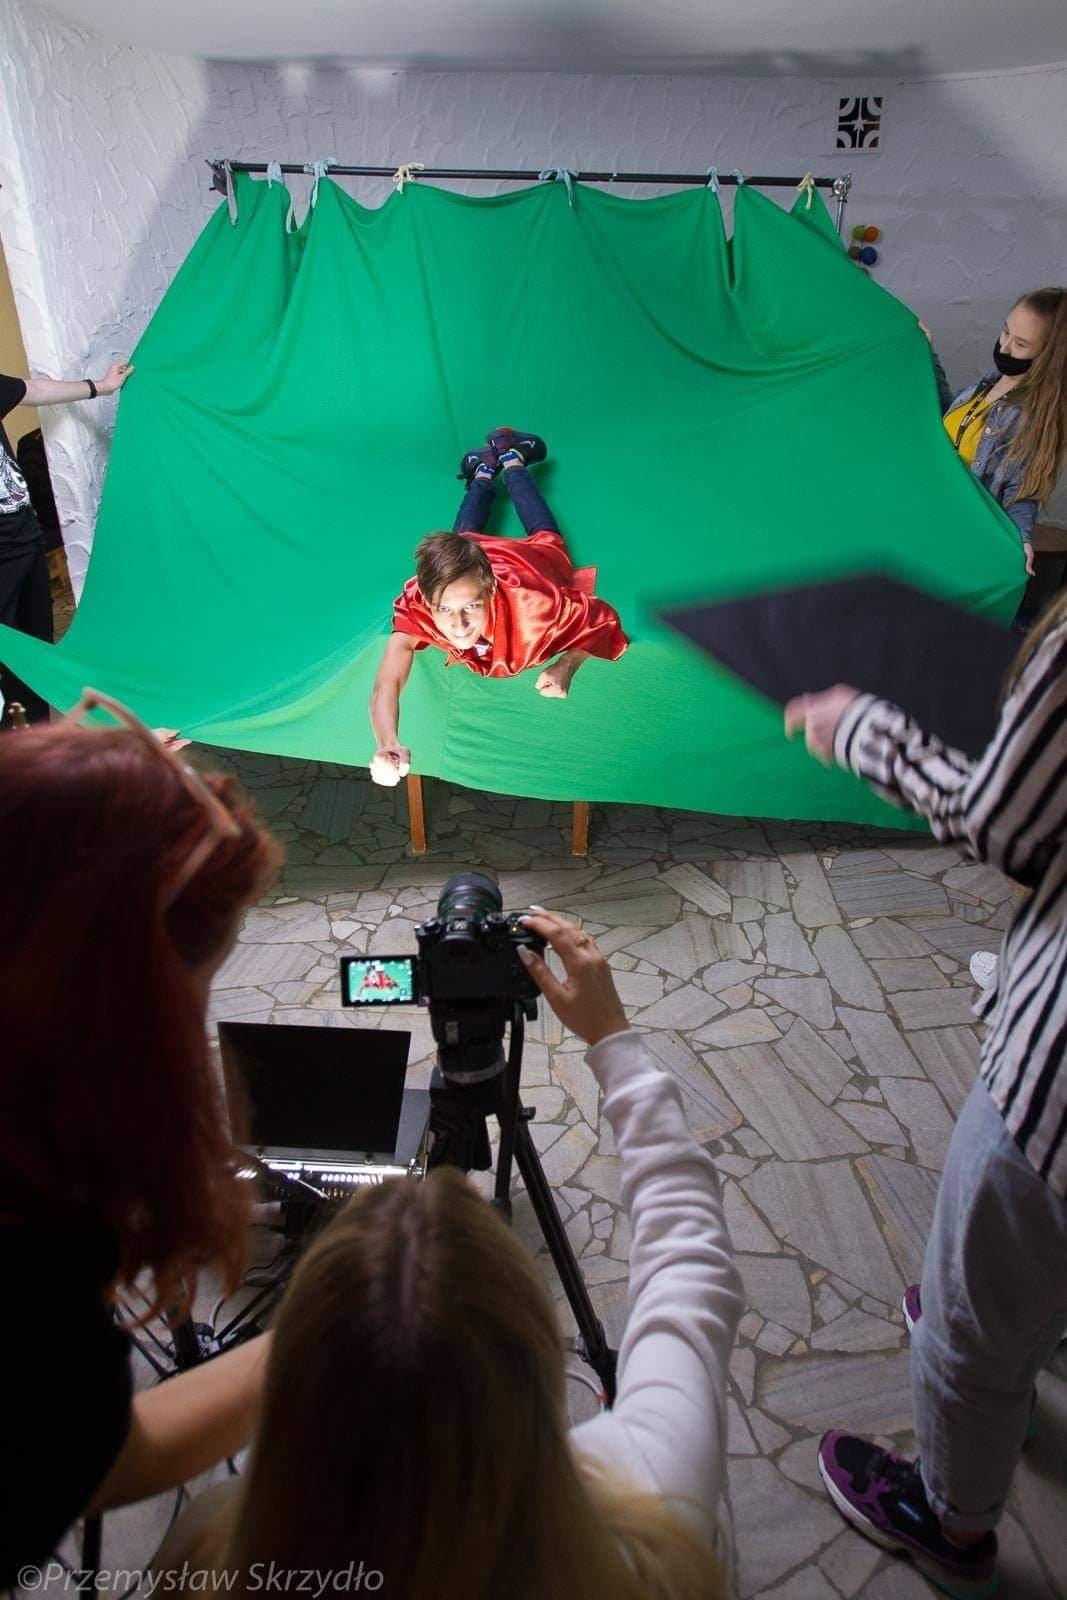 Победа в международном проекте: юная лозовчанка сняла мини-фильм в Польше , фото-1